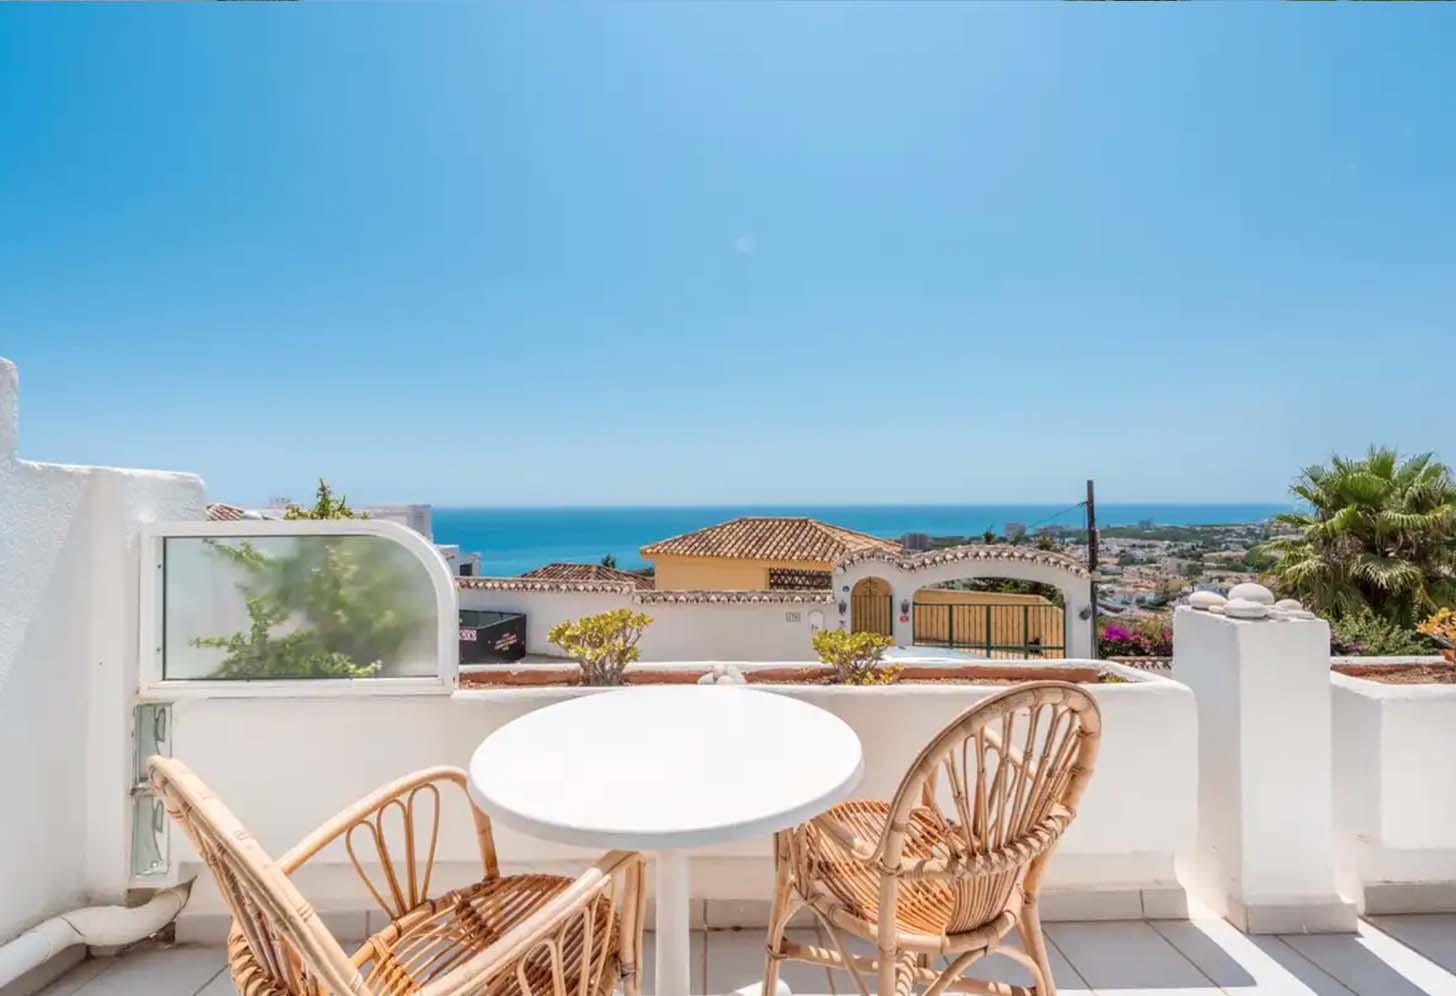 acheter un appartement riviera del sol 001 terrasse vue mer